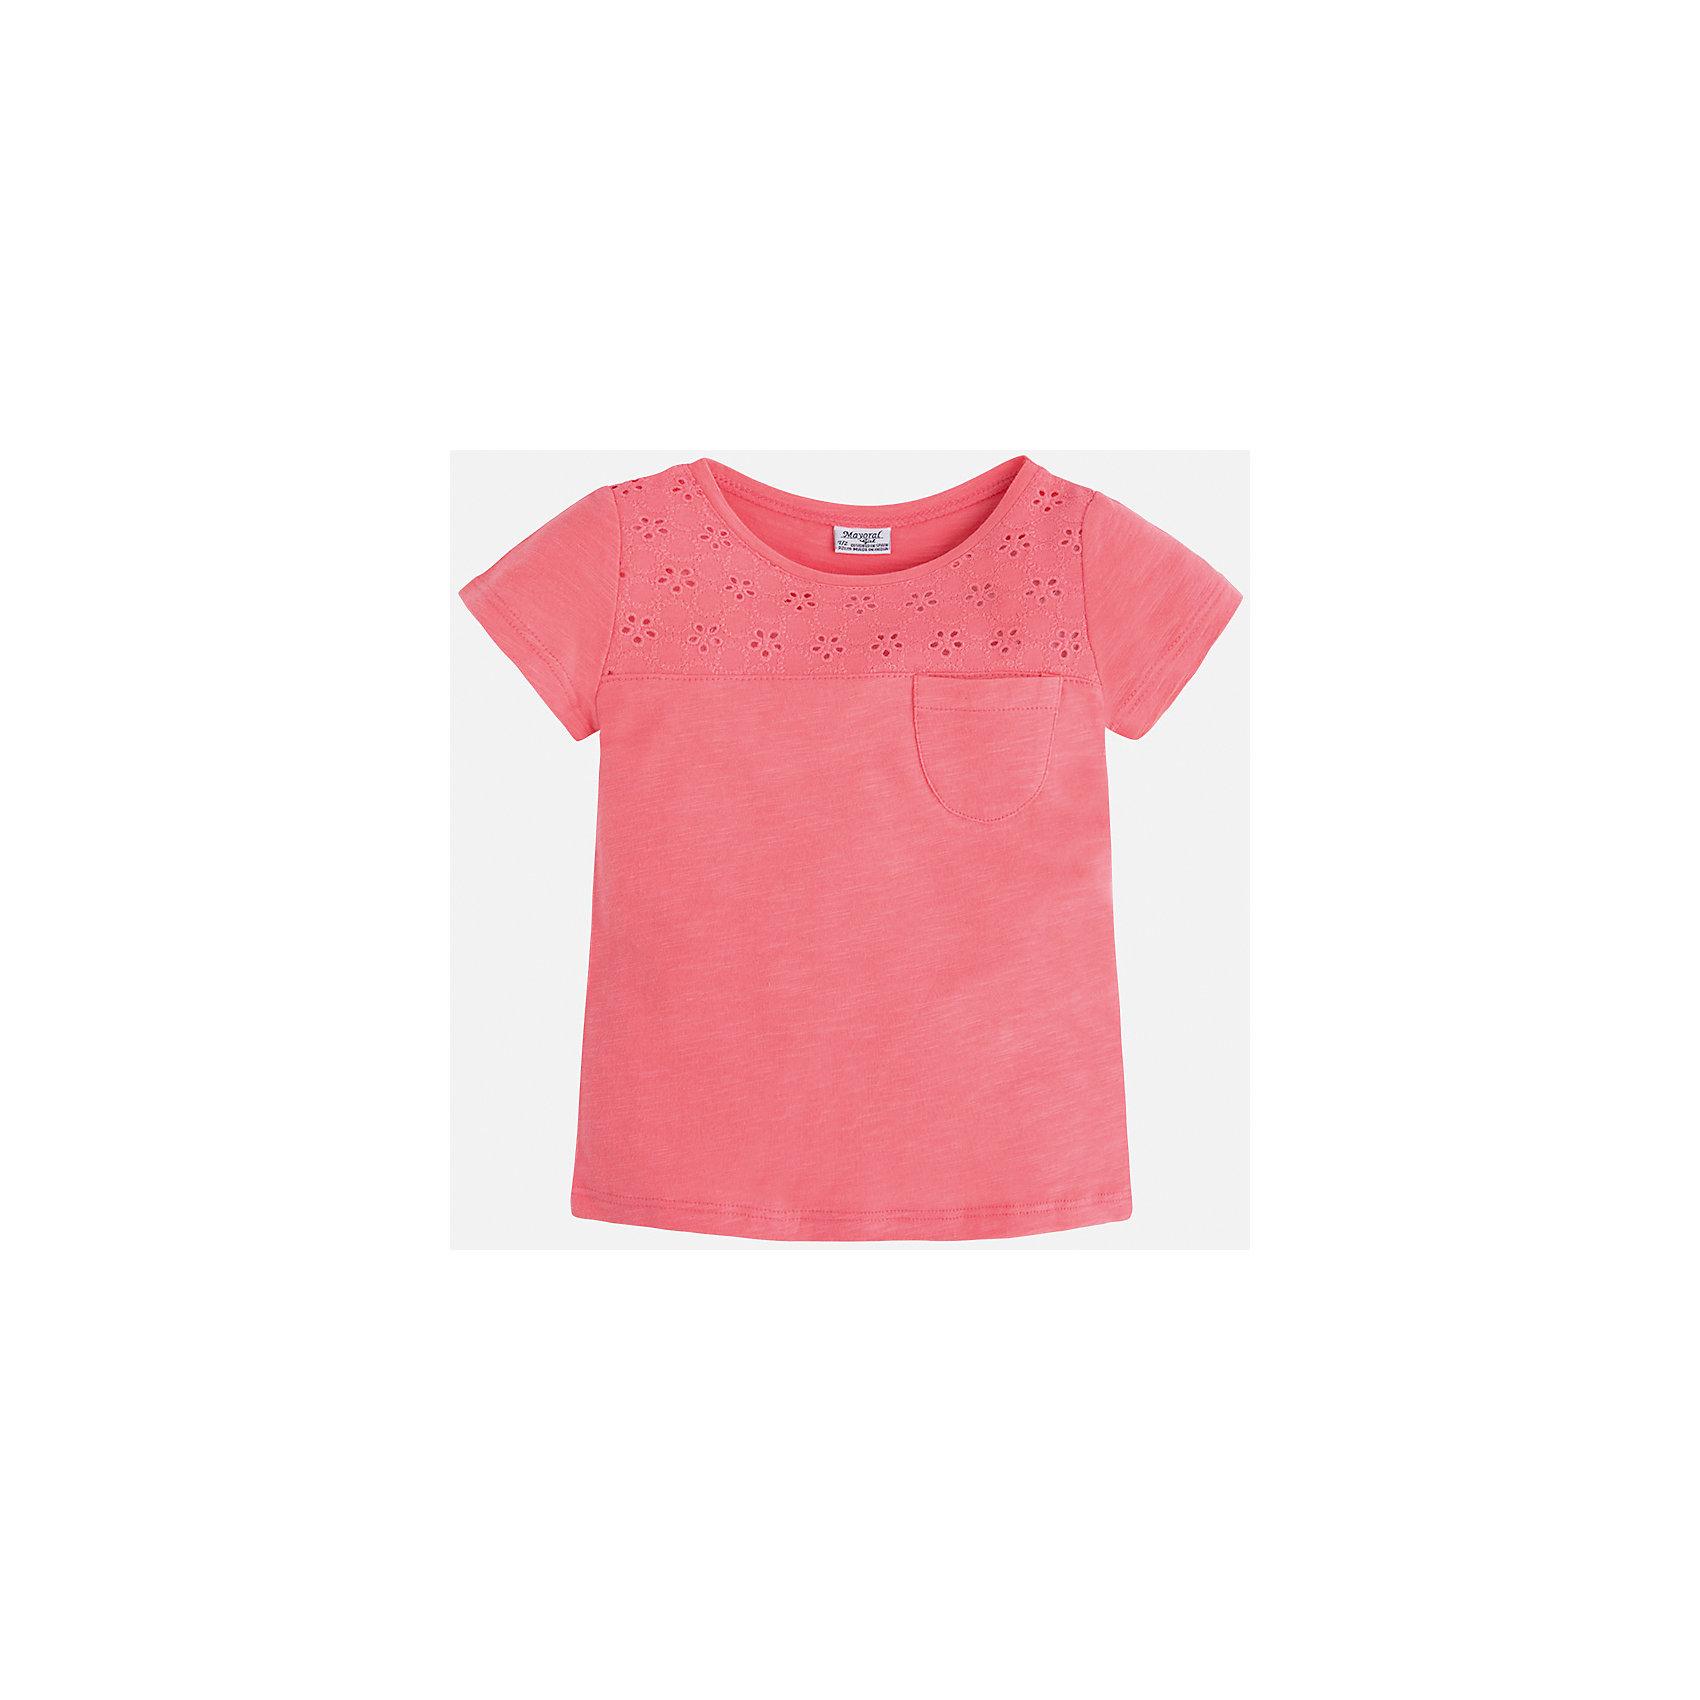 Футболка для девочки MayoralФутболки, поло и топы<br>Характеристики товара:<br><br>• цвет: розовый<br>• состав: 100% хлопок<br>• ажурный верх<br>• карман на груди<br>• короткие рукава<br>• округлый горловой вырез<br>• страна бренда: Испания<br><br>Стильная качественная футболка для девочки поможет разнообразить гардероб ребенка и украсить наряд. Она отлично сочетается и с юбками, и с шортами, и с брюками. Универсальный цвет позволяет подобрать к вещи низ практически любой расцветки. Интересная отделка модели делает её нарядной и оригинальной. В составе ткани преобладает натуральный хлопок, гипоаллергенный, приятный на ощупь, дышащий.<br><br>Одежда, обувь и аксессуары от испанского бренда Mayoral полюбились детям и взрослым по всему миру. Модели этой марки - стильные и удобные. Для их производства используются только безопасные, качественные материалы и фурнитура. Порадуйте ребенка модными и красивыми вещами от Mayoral! <br><br>Футболку для девочки от испанского бренда Mayoral (Майорал) можно купить в нашем интернет-магазине.<br><br>Ширина мм: 199<br>Глубина мм: 10<br>Высота мм: 161<br>Вес г: 151<br>Цвет: оранжевый<br>Возраст от месяцев: 96<br>Возраст до месяцев: 108<br>Пол: Женский<br>Возраст: Детский<br>Размер: 134,92,98,104,110,116,122,128<br>SKU: 5288547